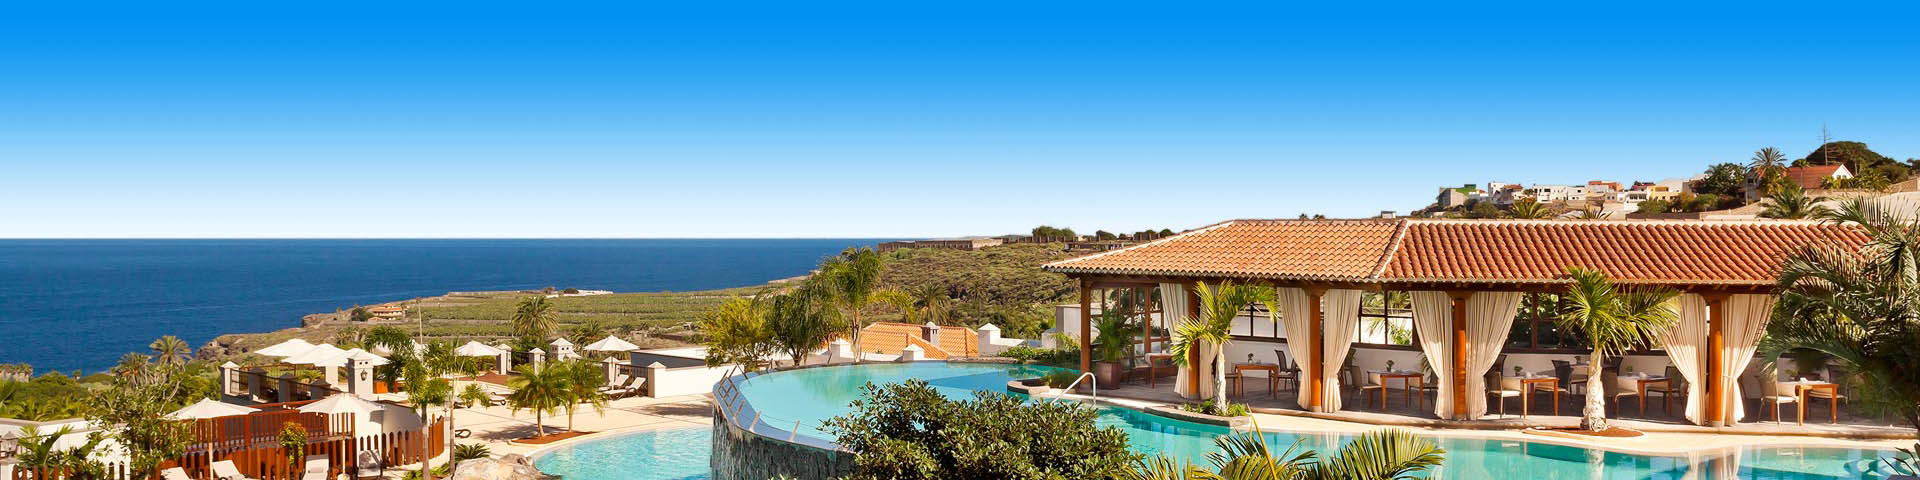 Luxe all inclusive resort met zwembad op Tenerife